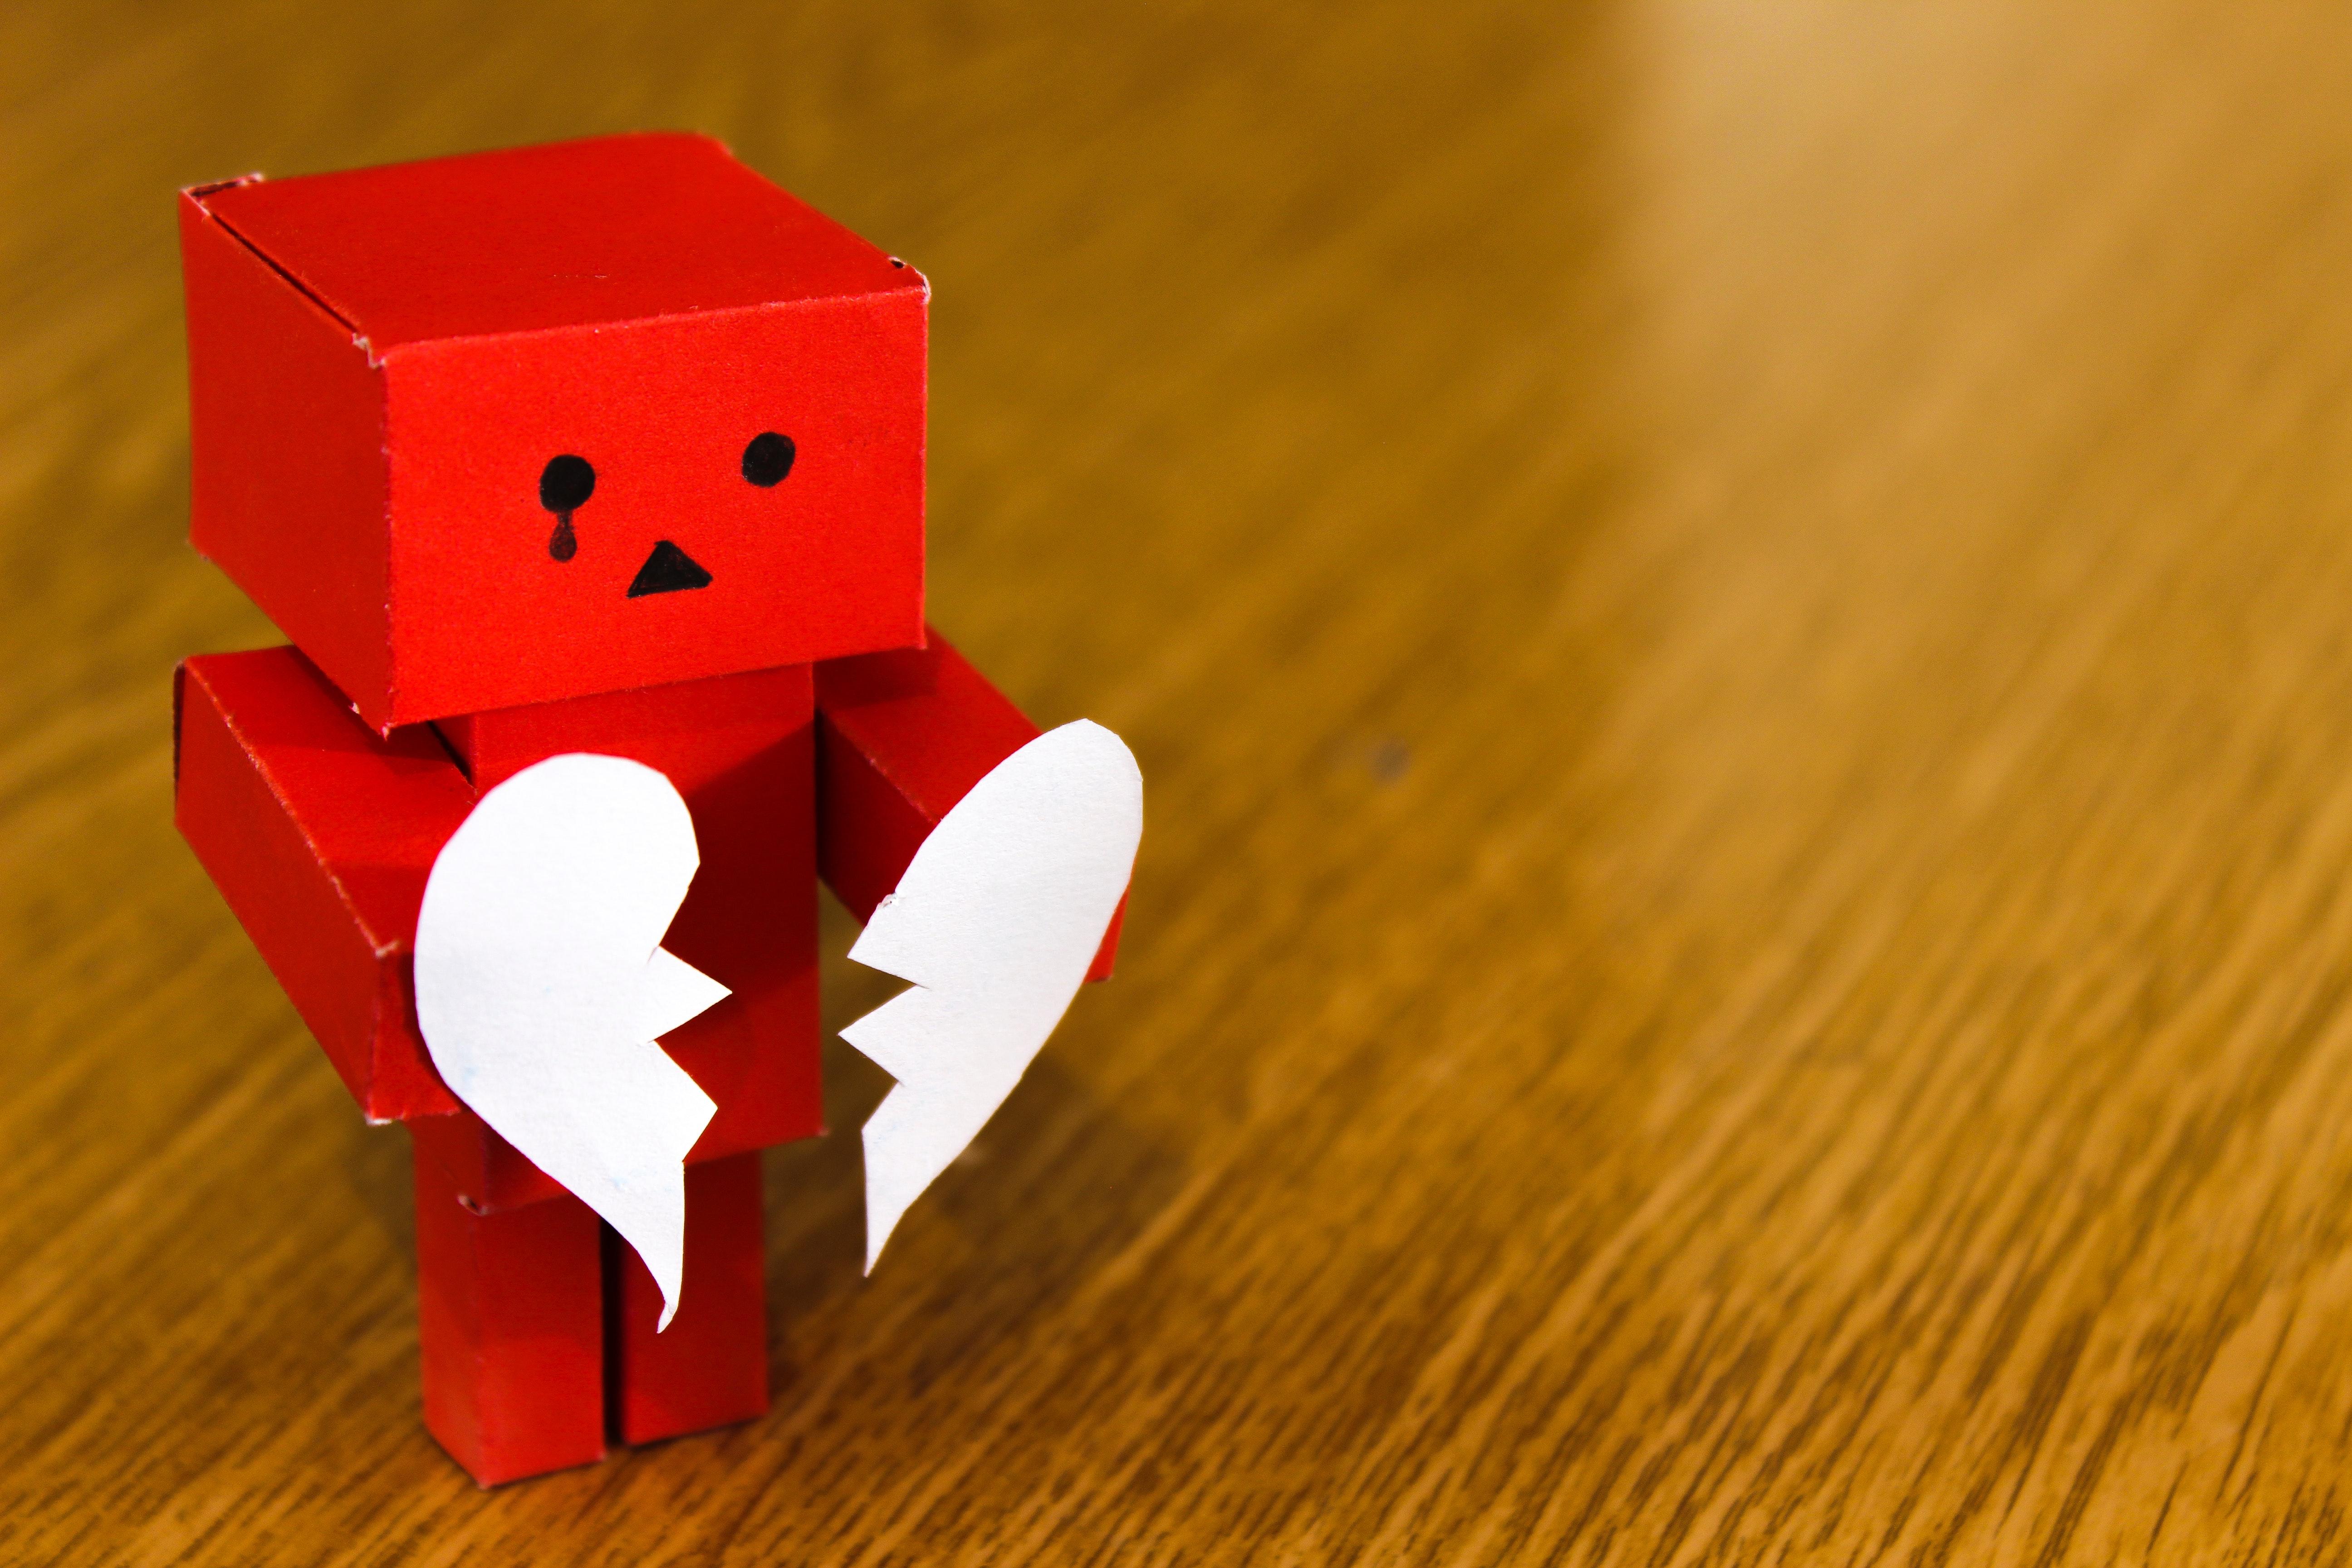 broken-heart-love-sad-14303.jpg